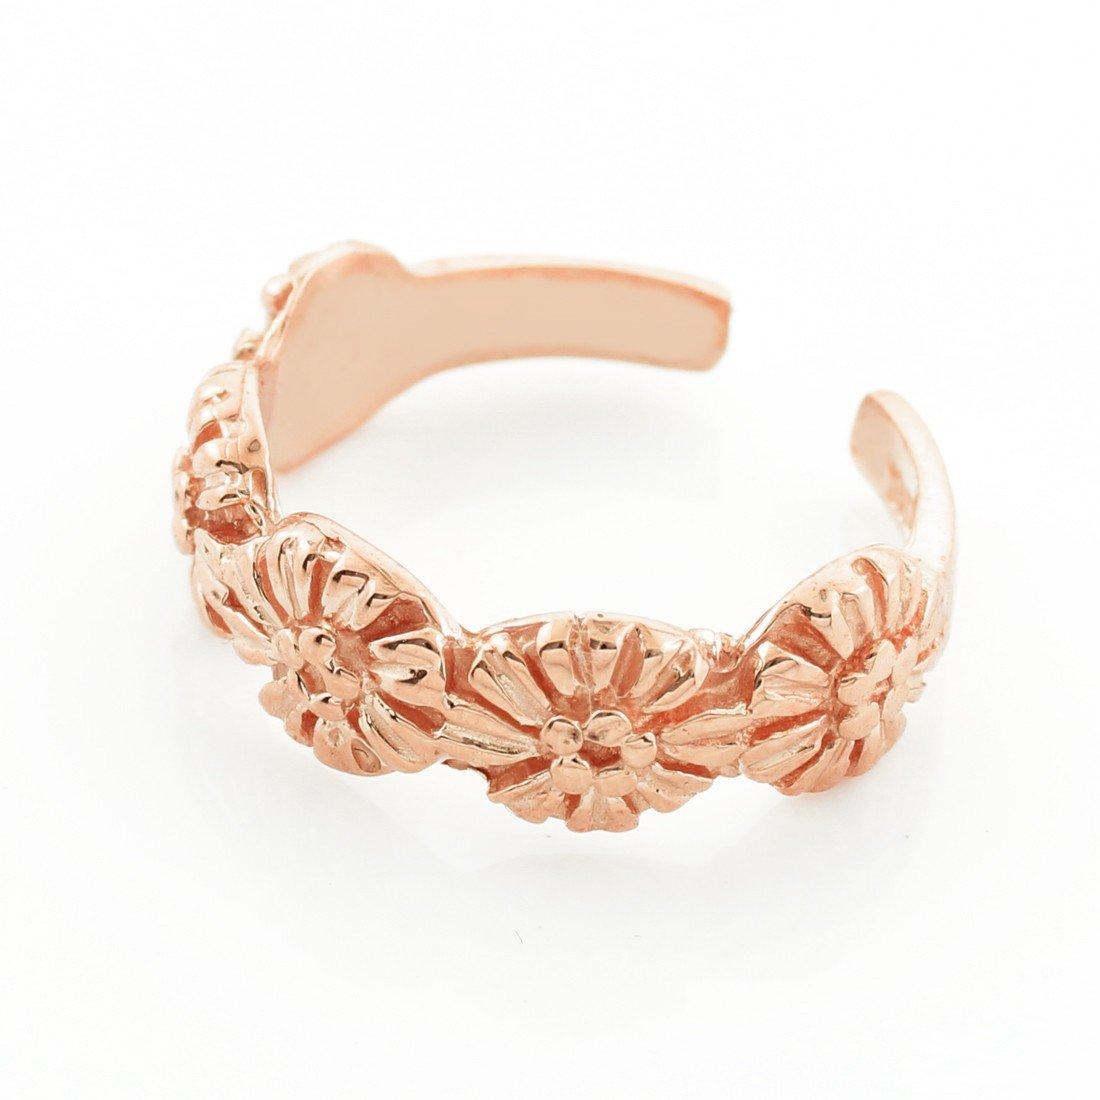 14k Rose Gold Floral Toe Ring